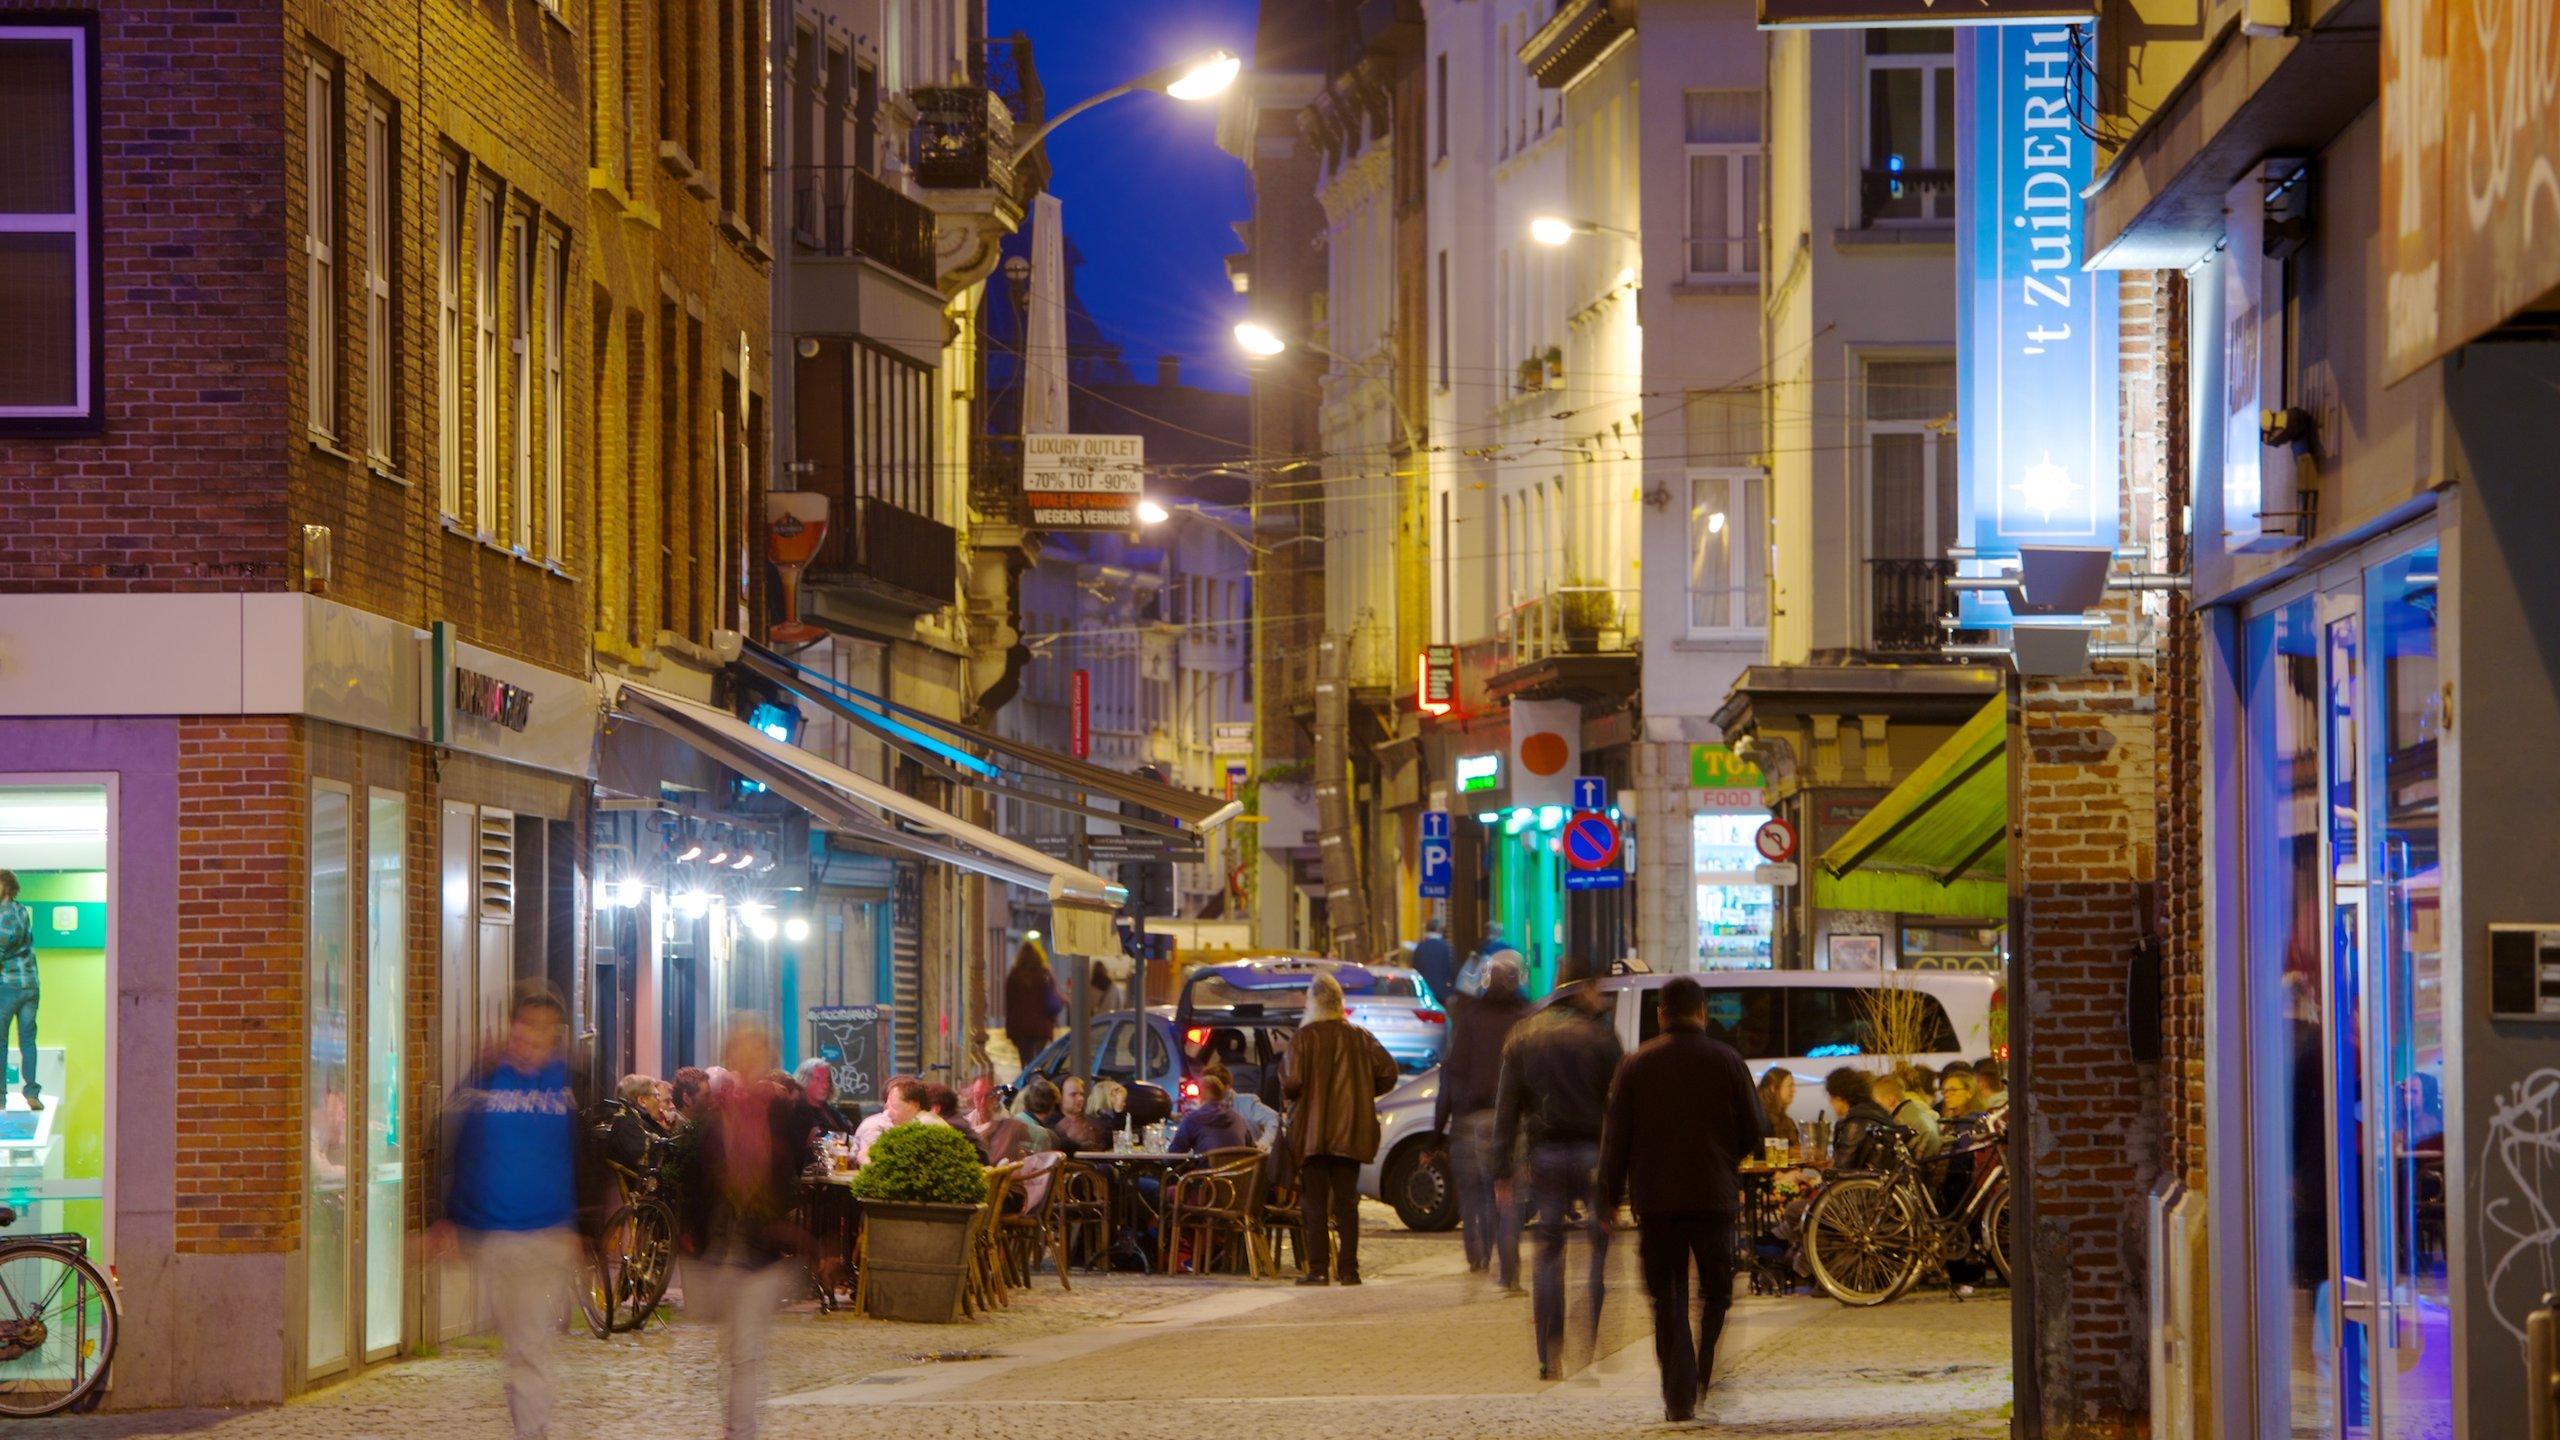 Antwerp, Flemish Region, Belgium